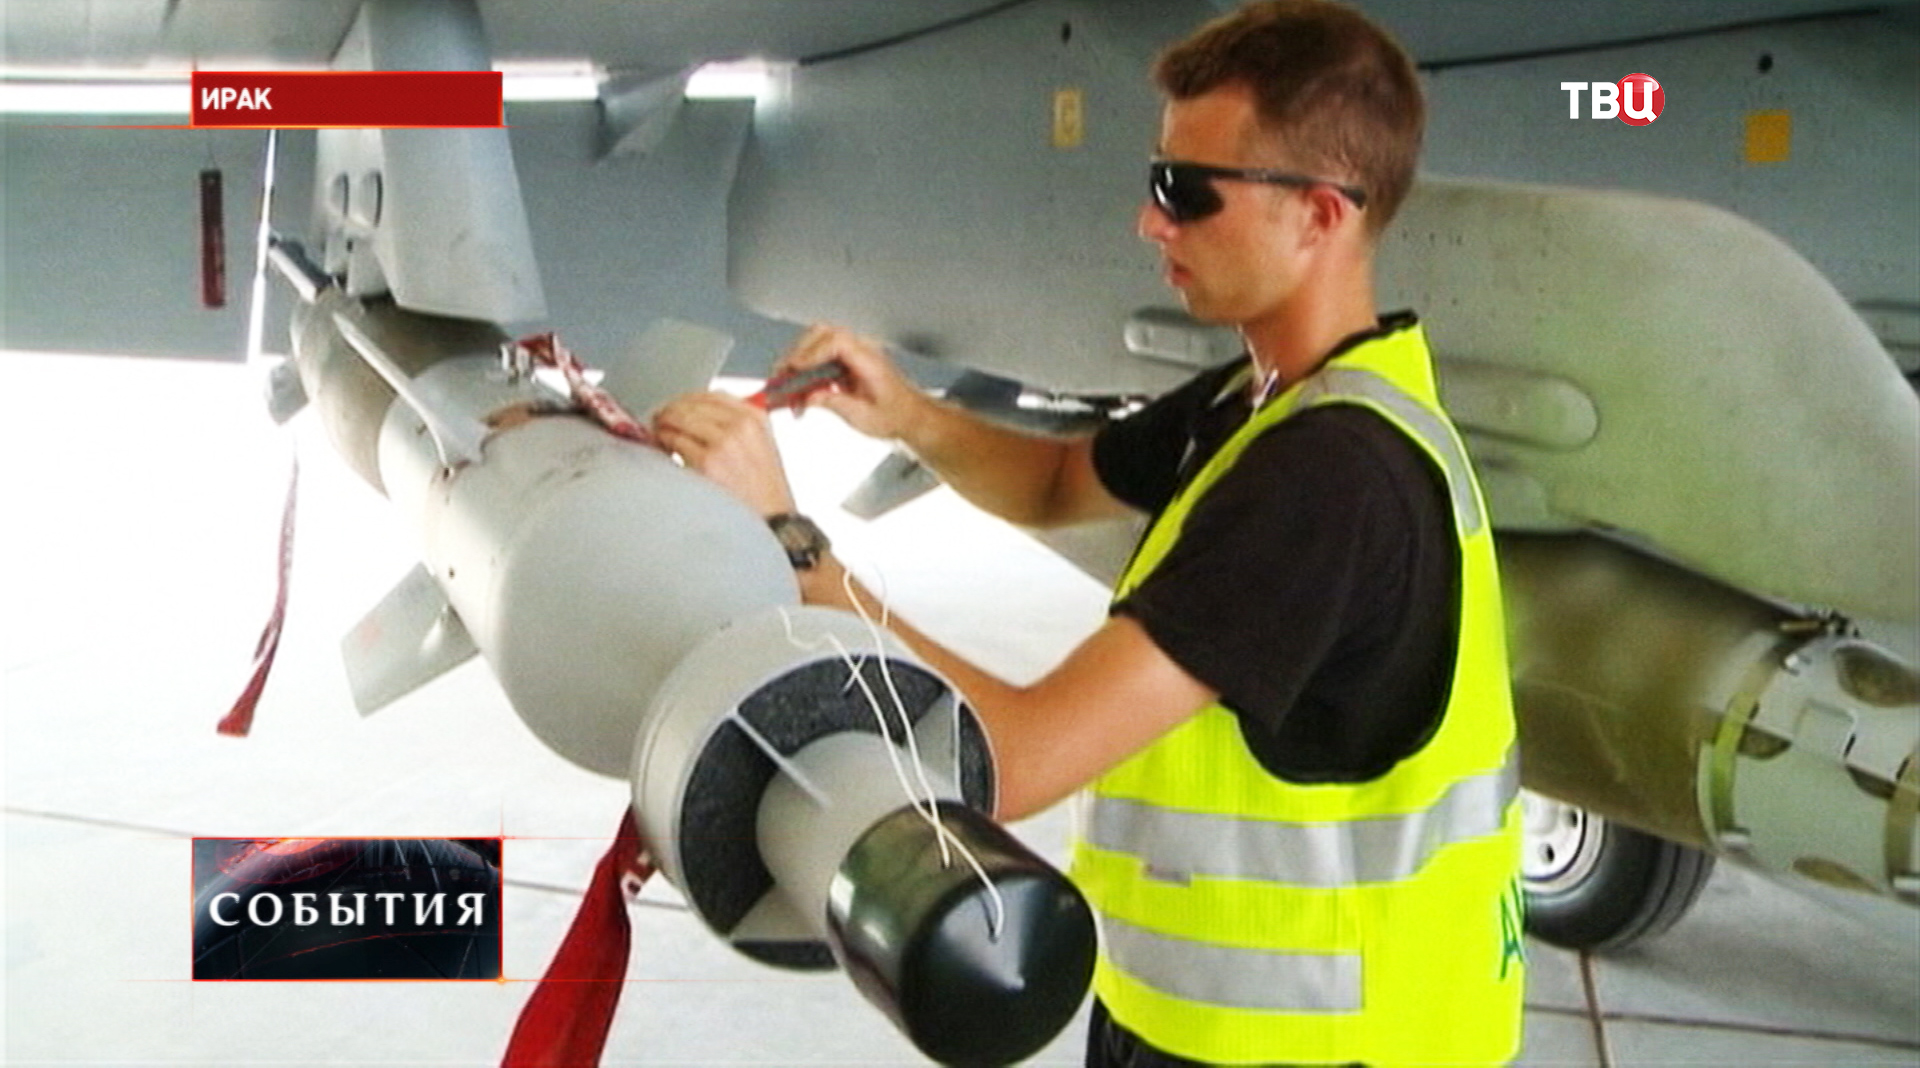 Подготовка к вылету истребителя ВВС Австралии